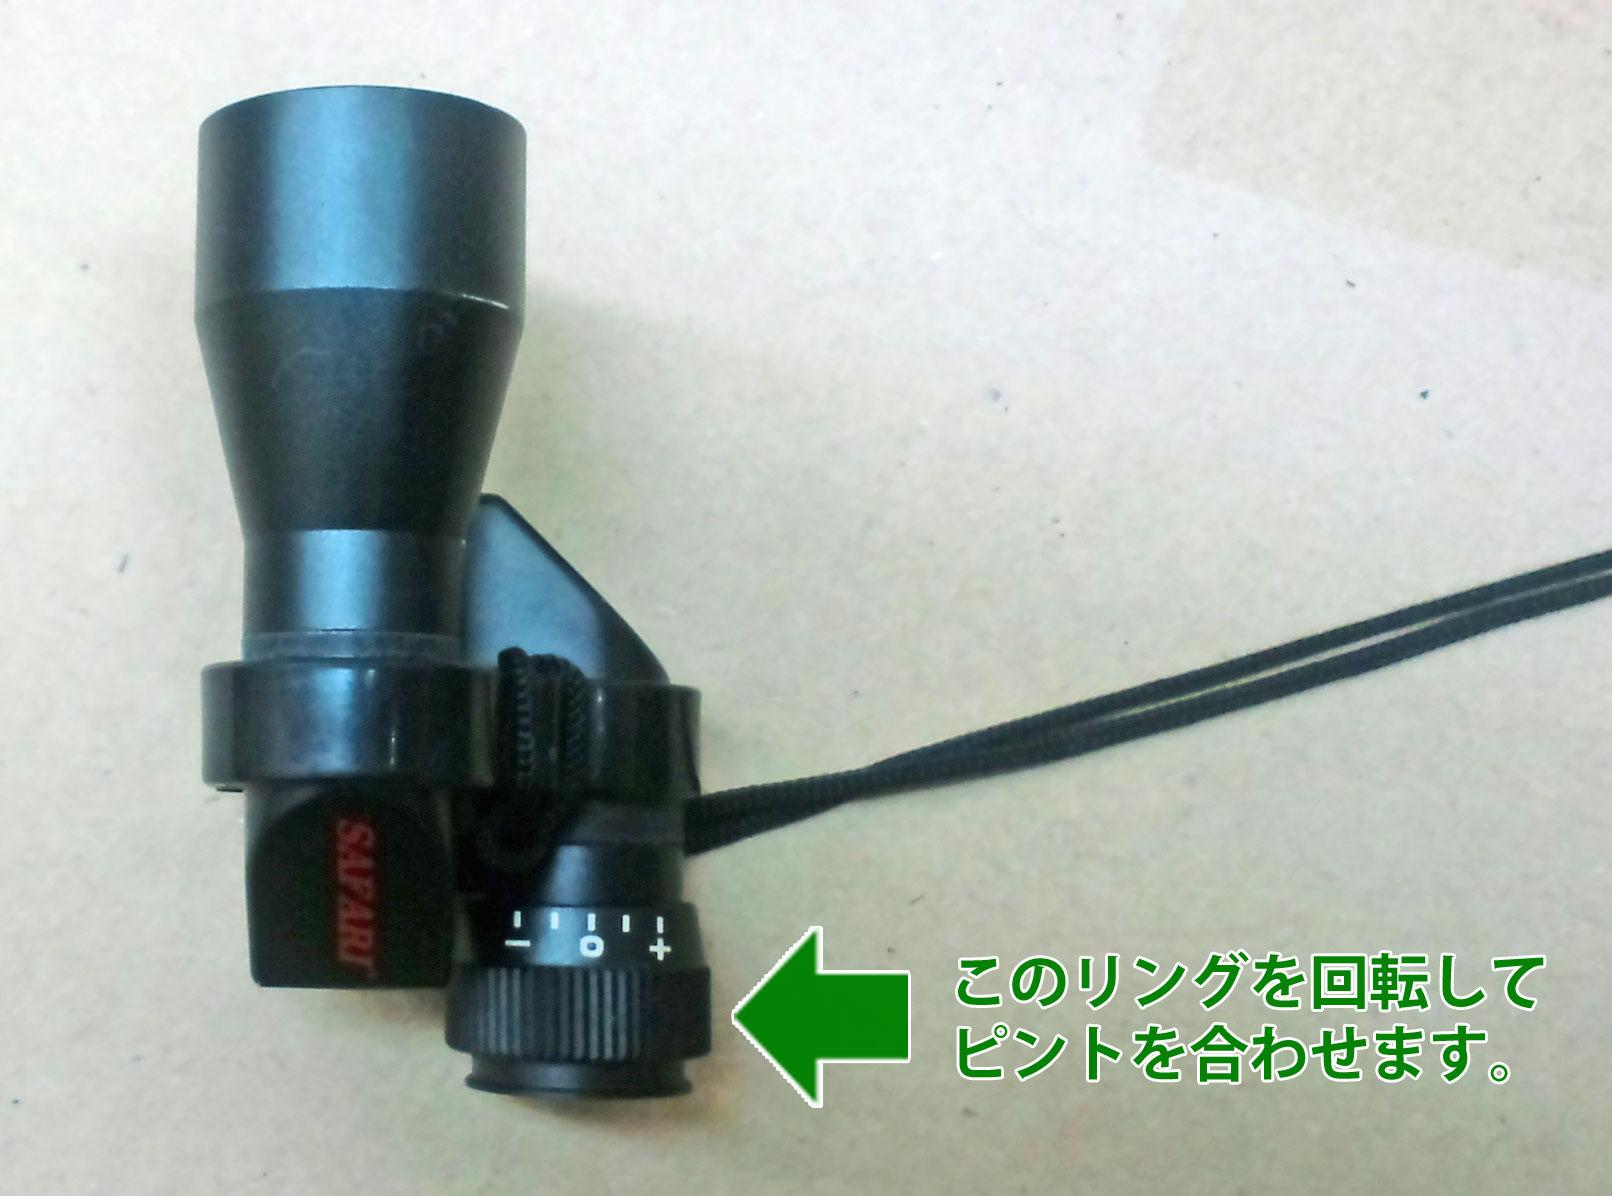 002380 単眼鏡のピント調節部分の写真